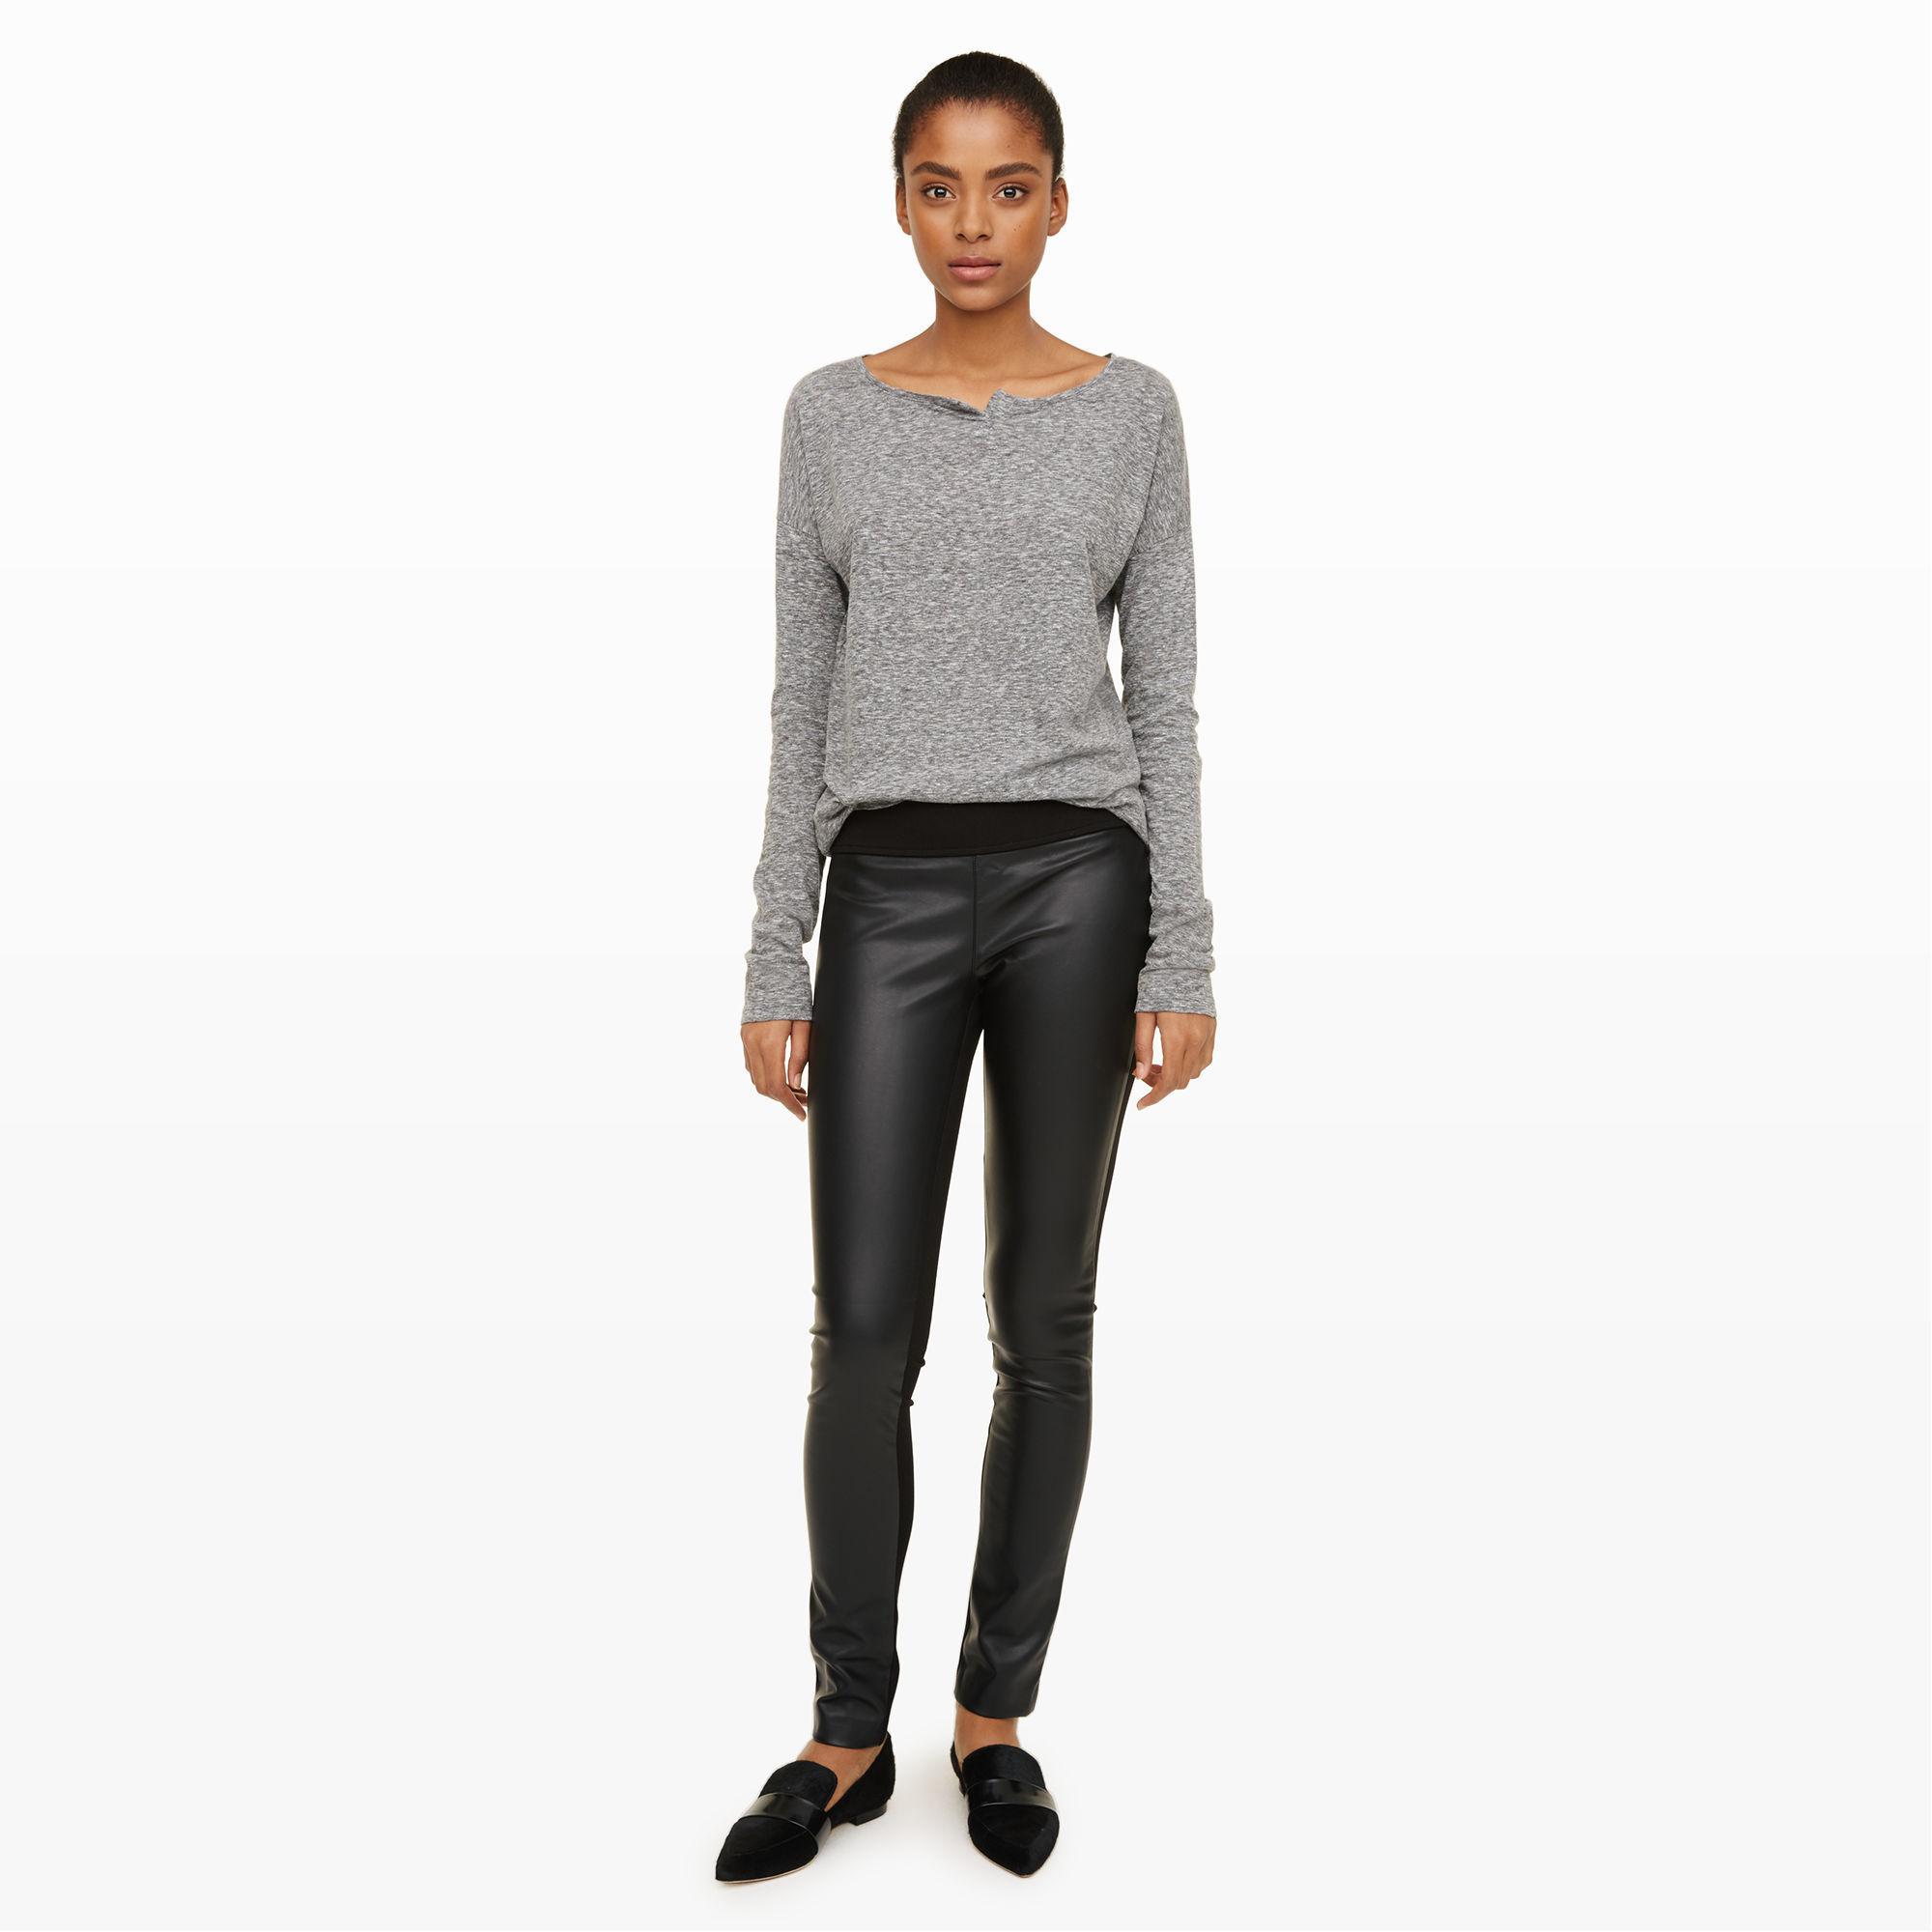 10c1a2241143c Club Monaco Tasha Faux-leather Legging in Black - Lyst